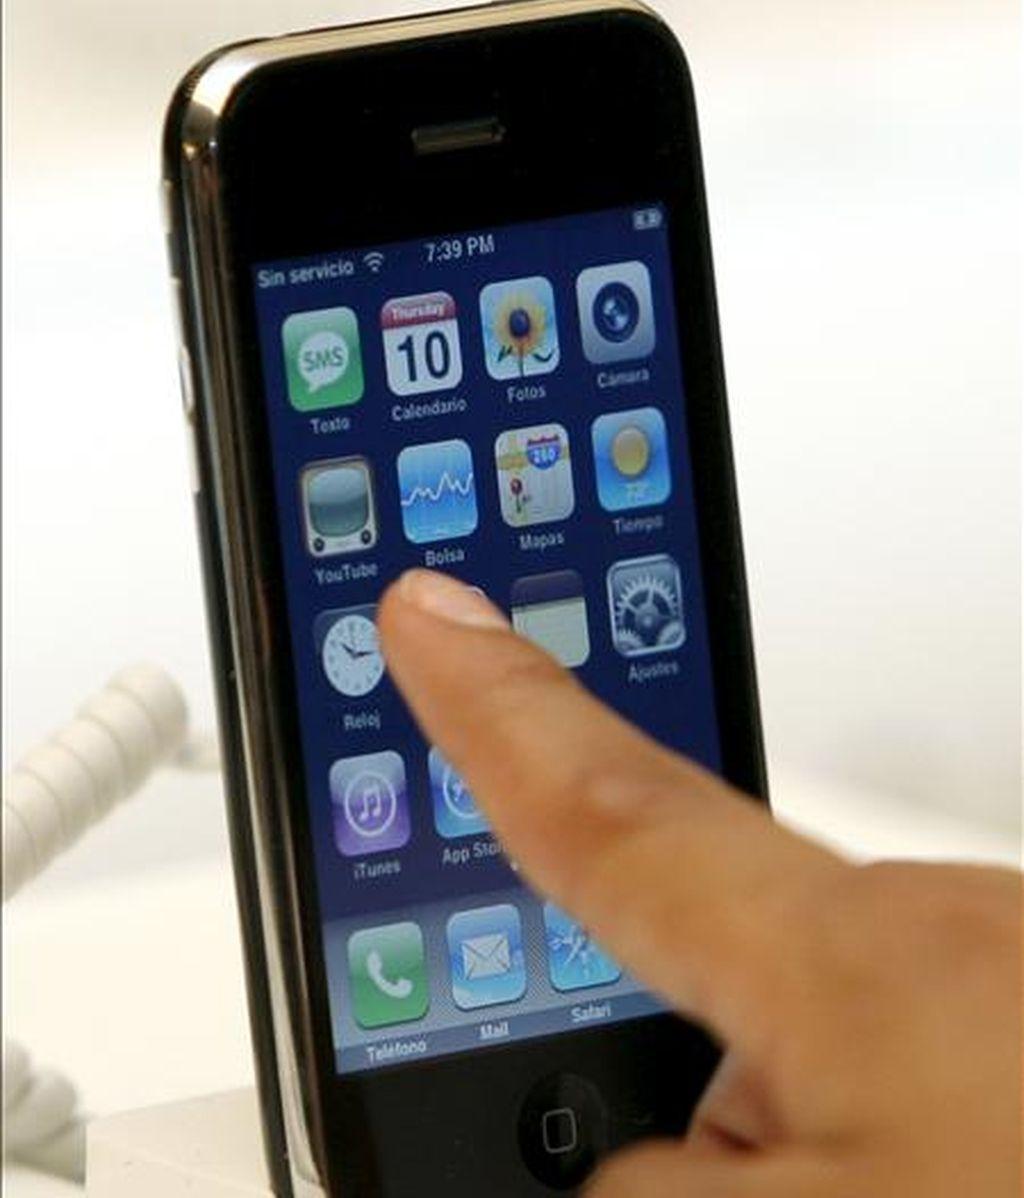 Detalle del nuevo teléfono móvil de Apple, iPhone 3G. EFE